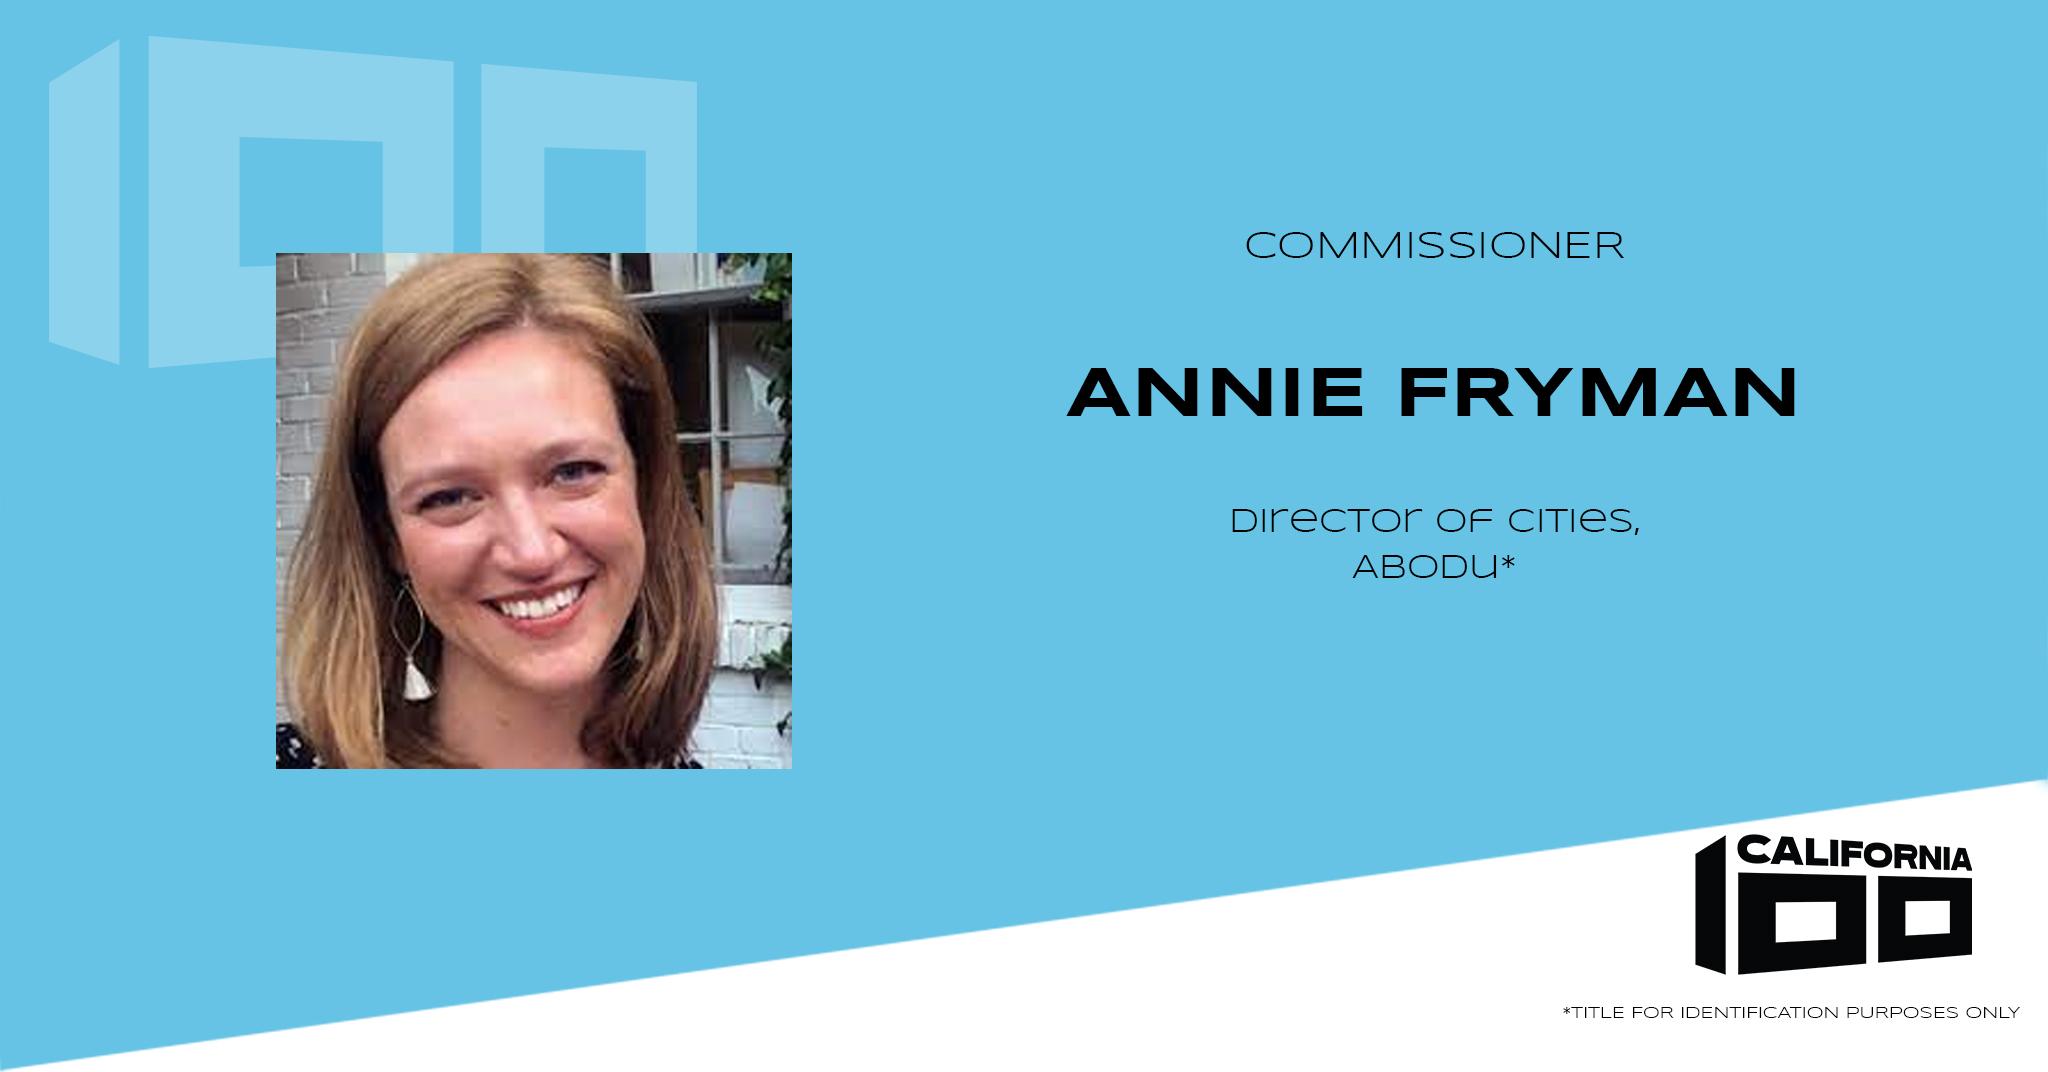 Annie Fryman